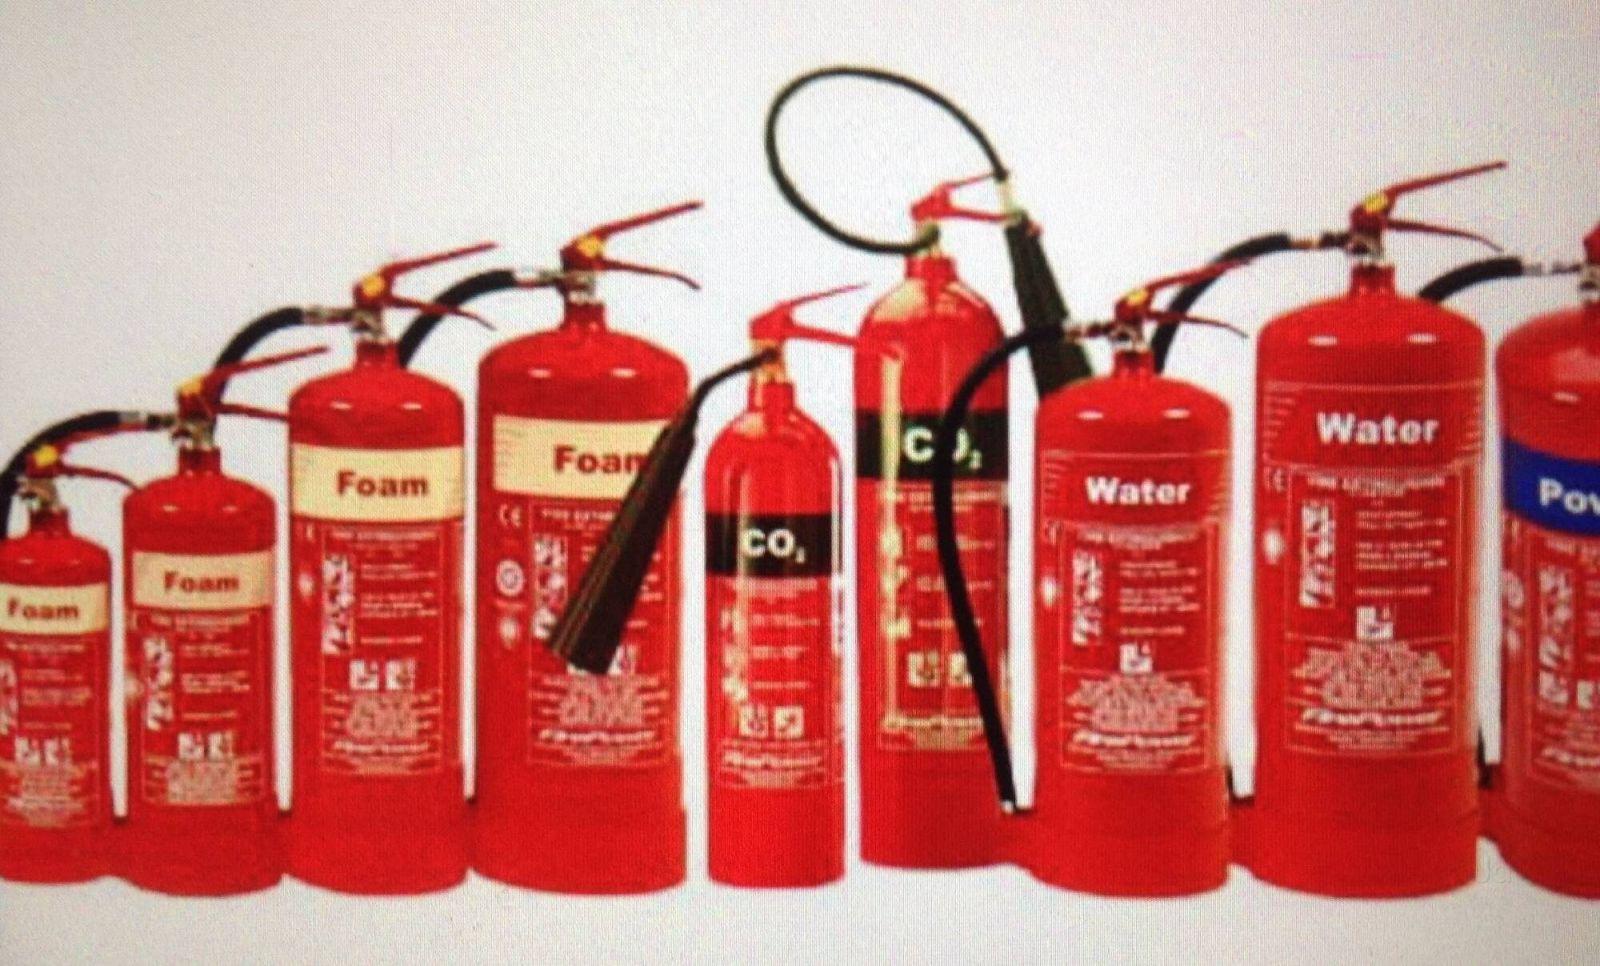 Bảo trì nạp sạc bình chữa cháy các loại,nạp bình pccc,sạc bình pccc